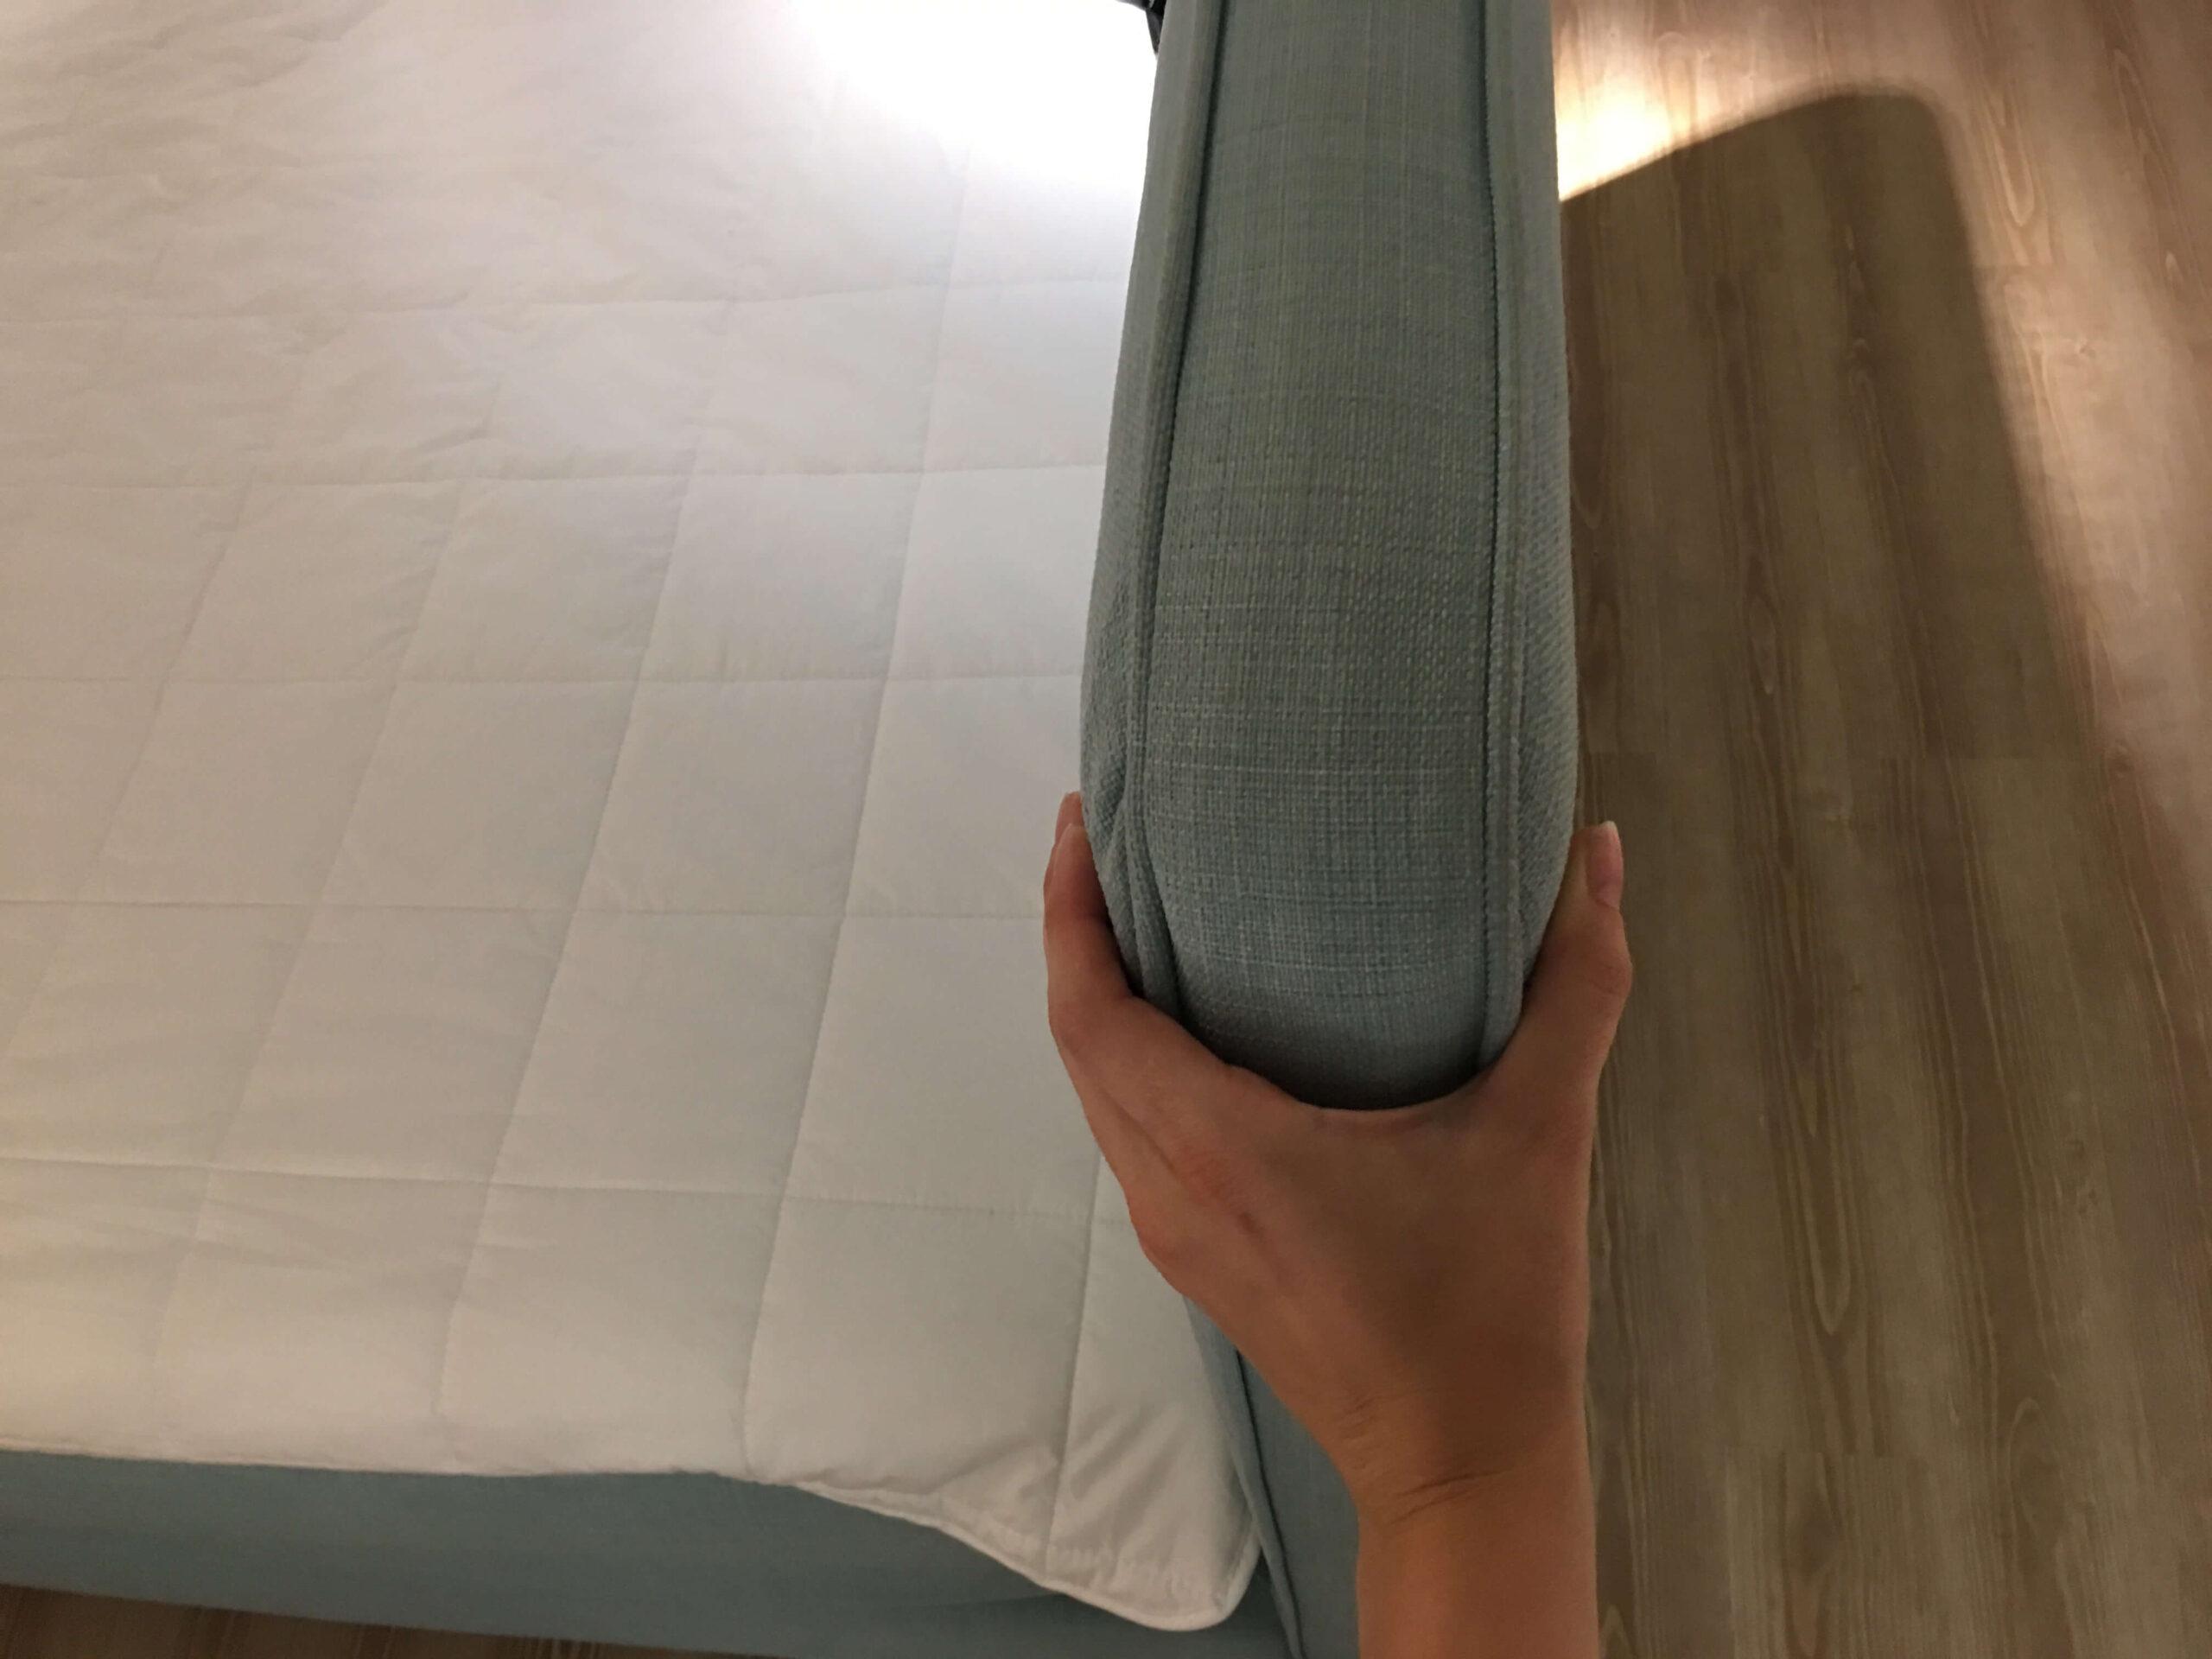 Full Size of Boxspringbett Ikea Dunvik Test Expertentest Bewertungen Sofa Mit Schlaffunktion Küche Kosten Schlafzimmer Set Betten Bei 160x200 Modulküche Kaufen Miniküche Wohnzimmer Boxspringbett Ikea